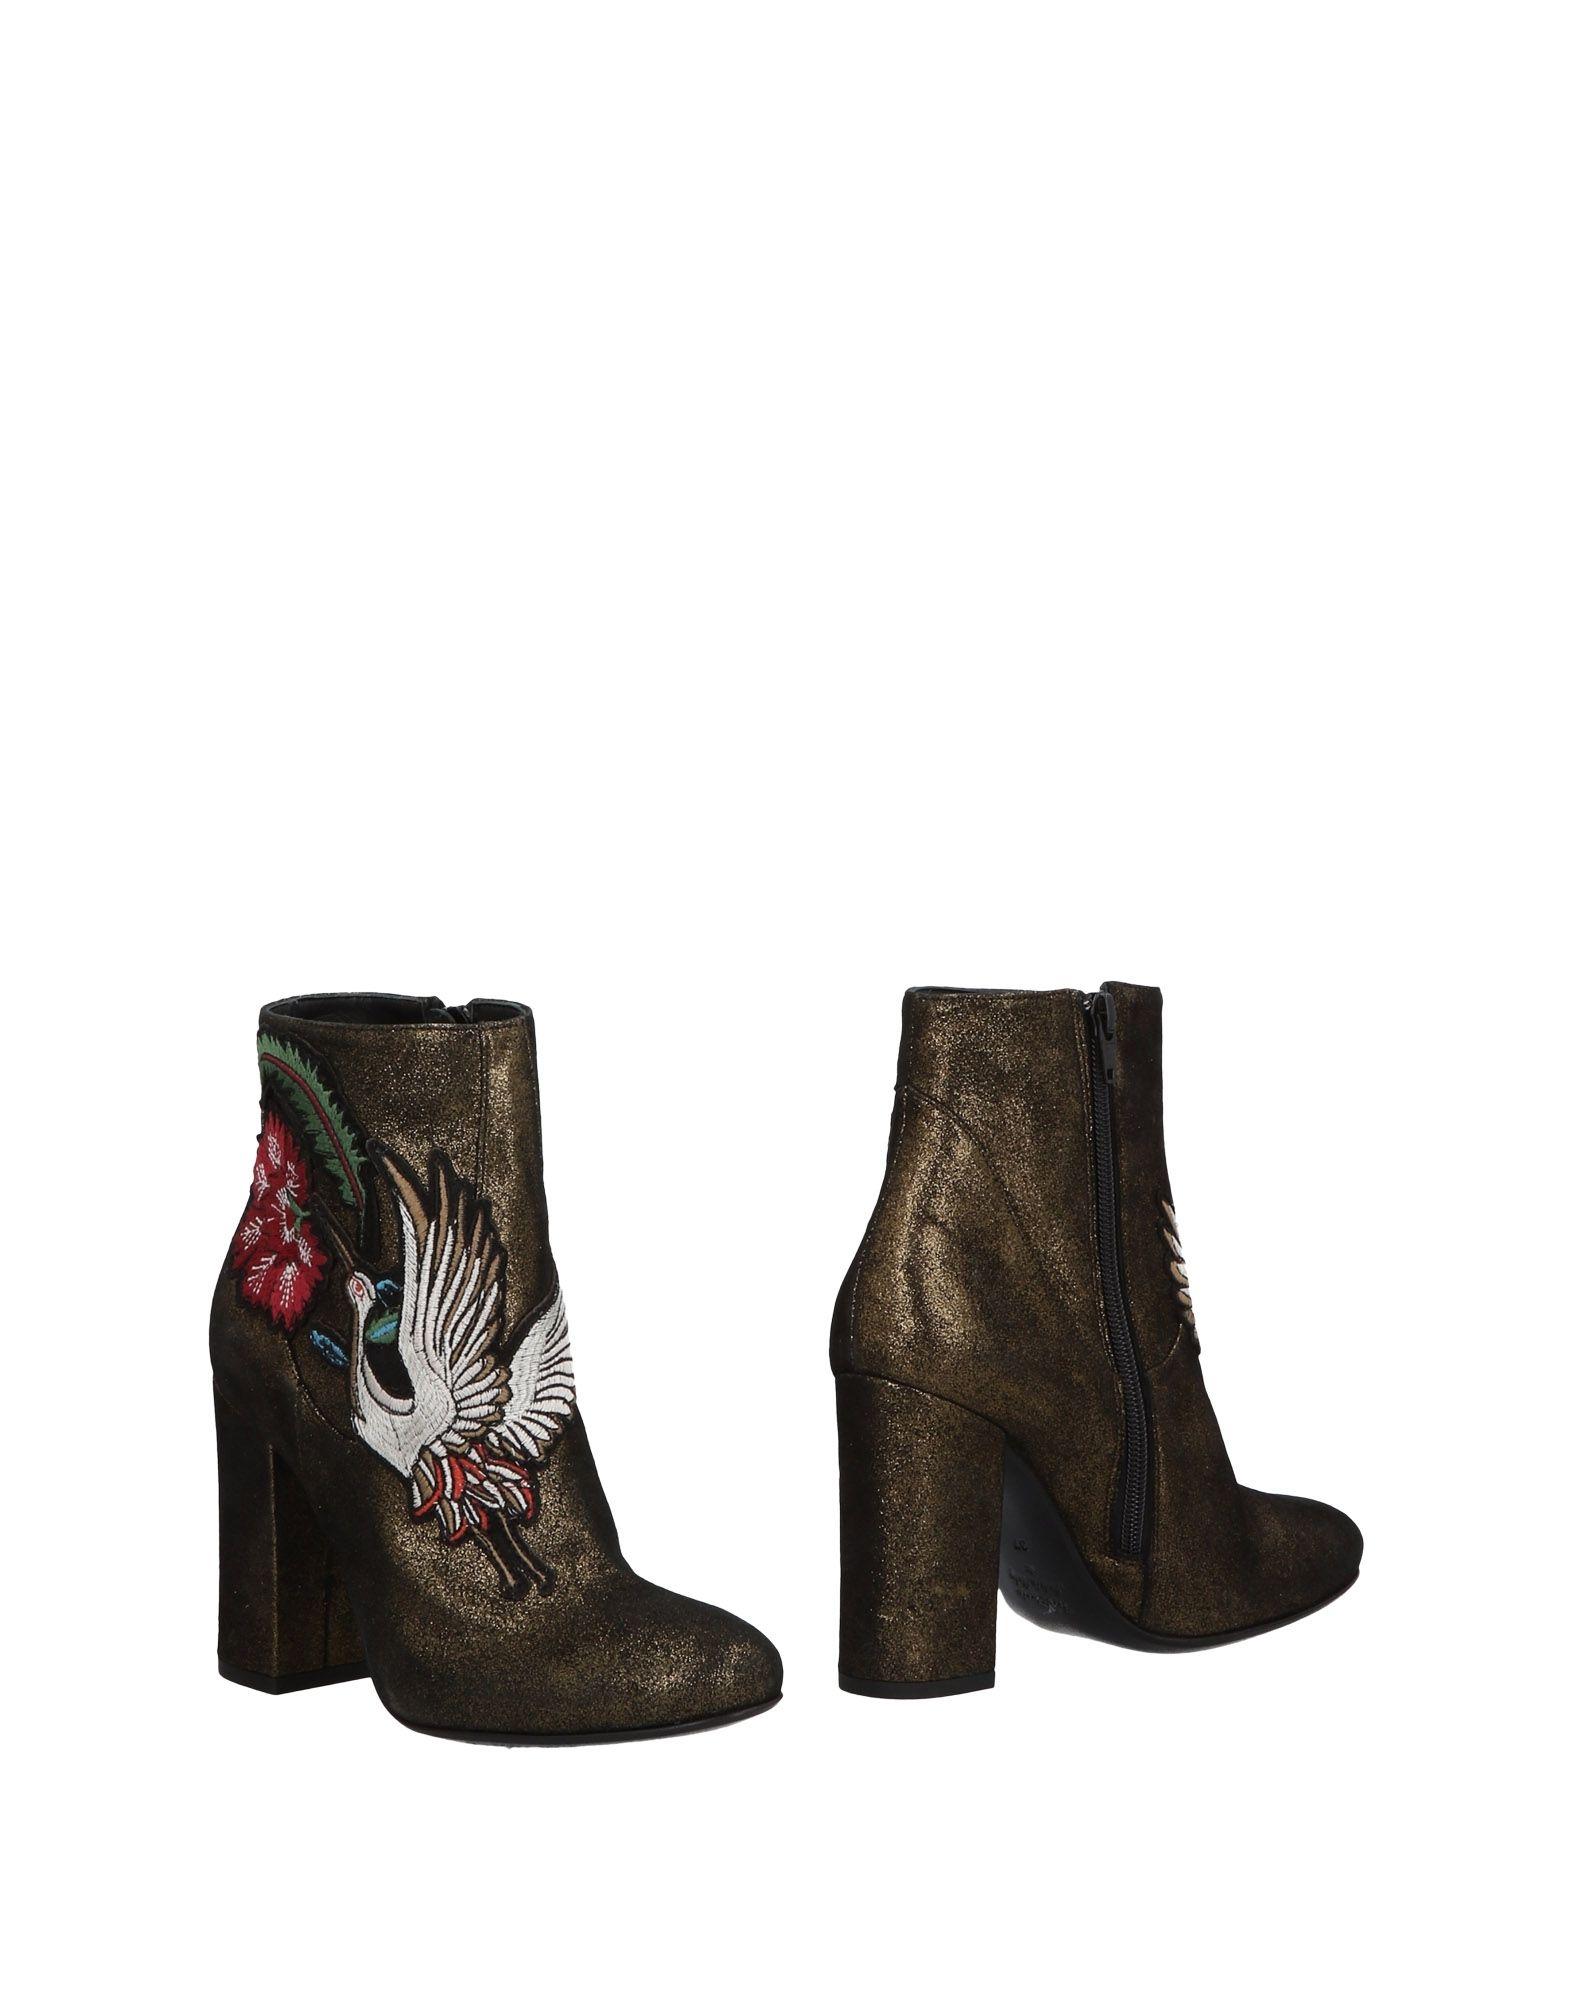 Giancarlo Paoli Stiefelette strapazierfähige Damen  11471257HVGut aussehende strapazierfähige Stiefelette Schuhe 4266f9